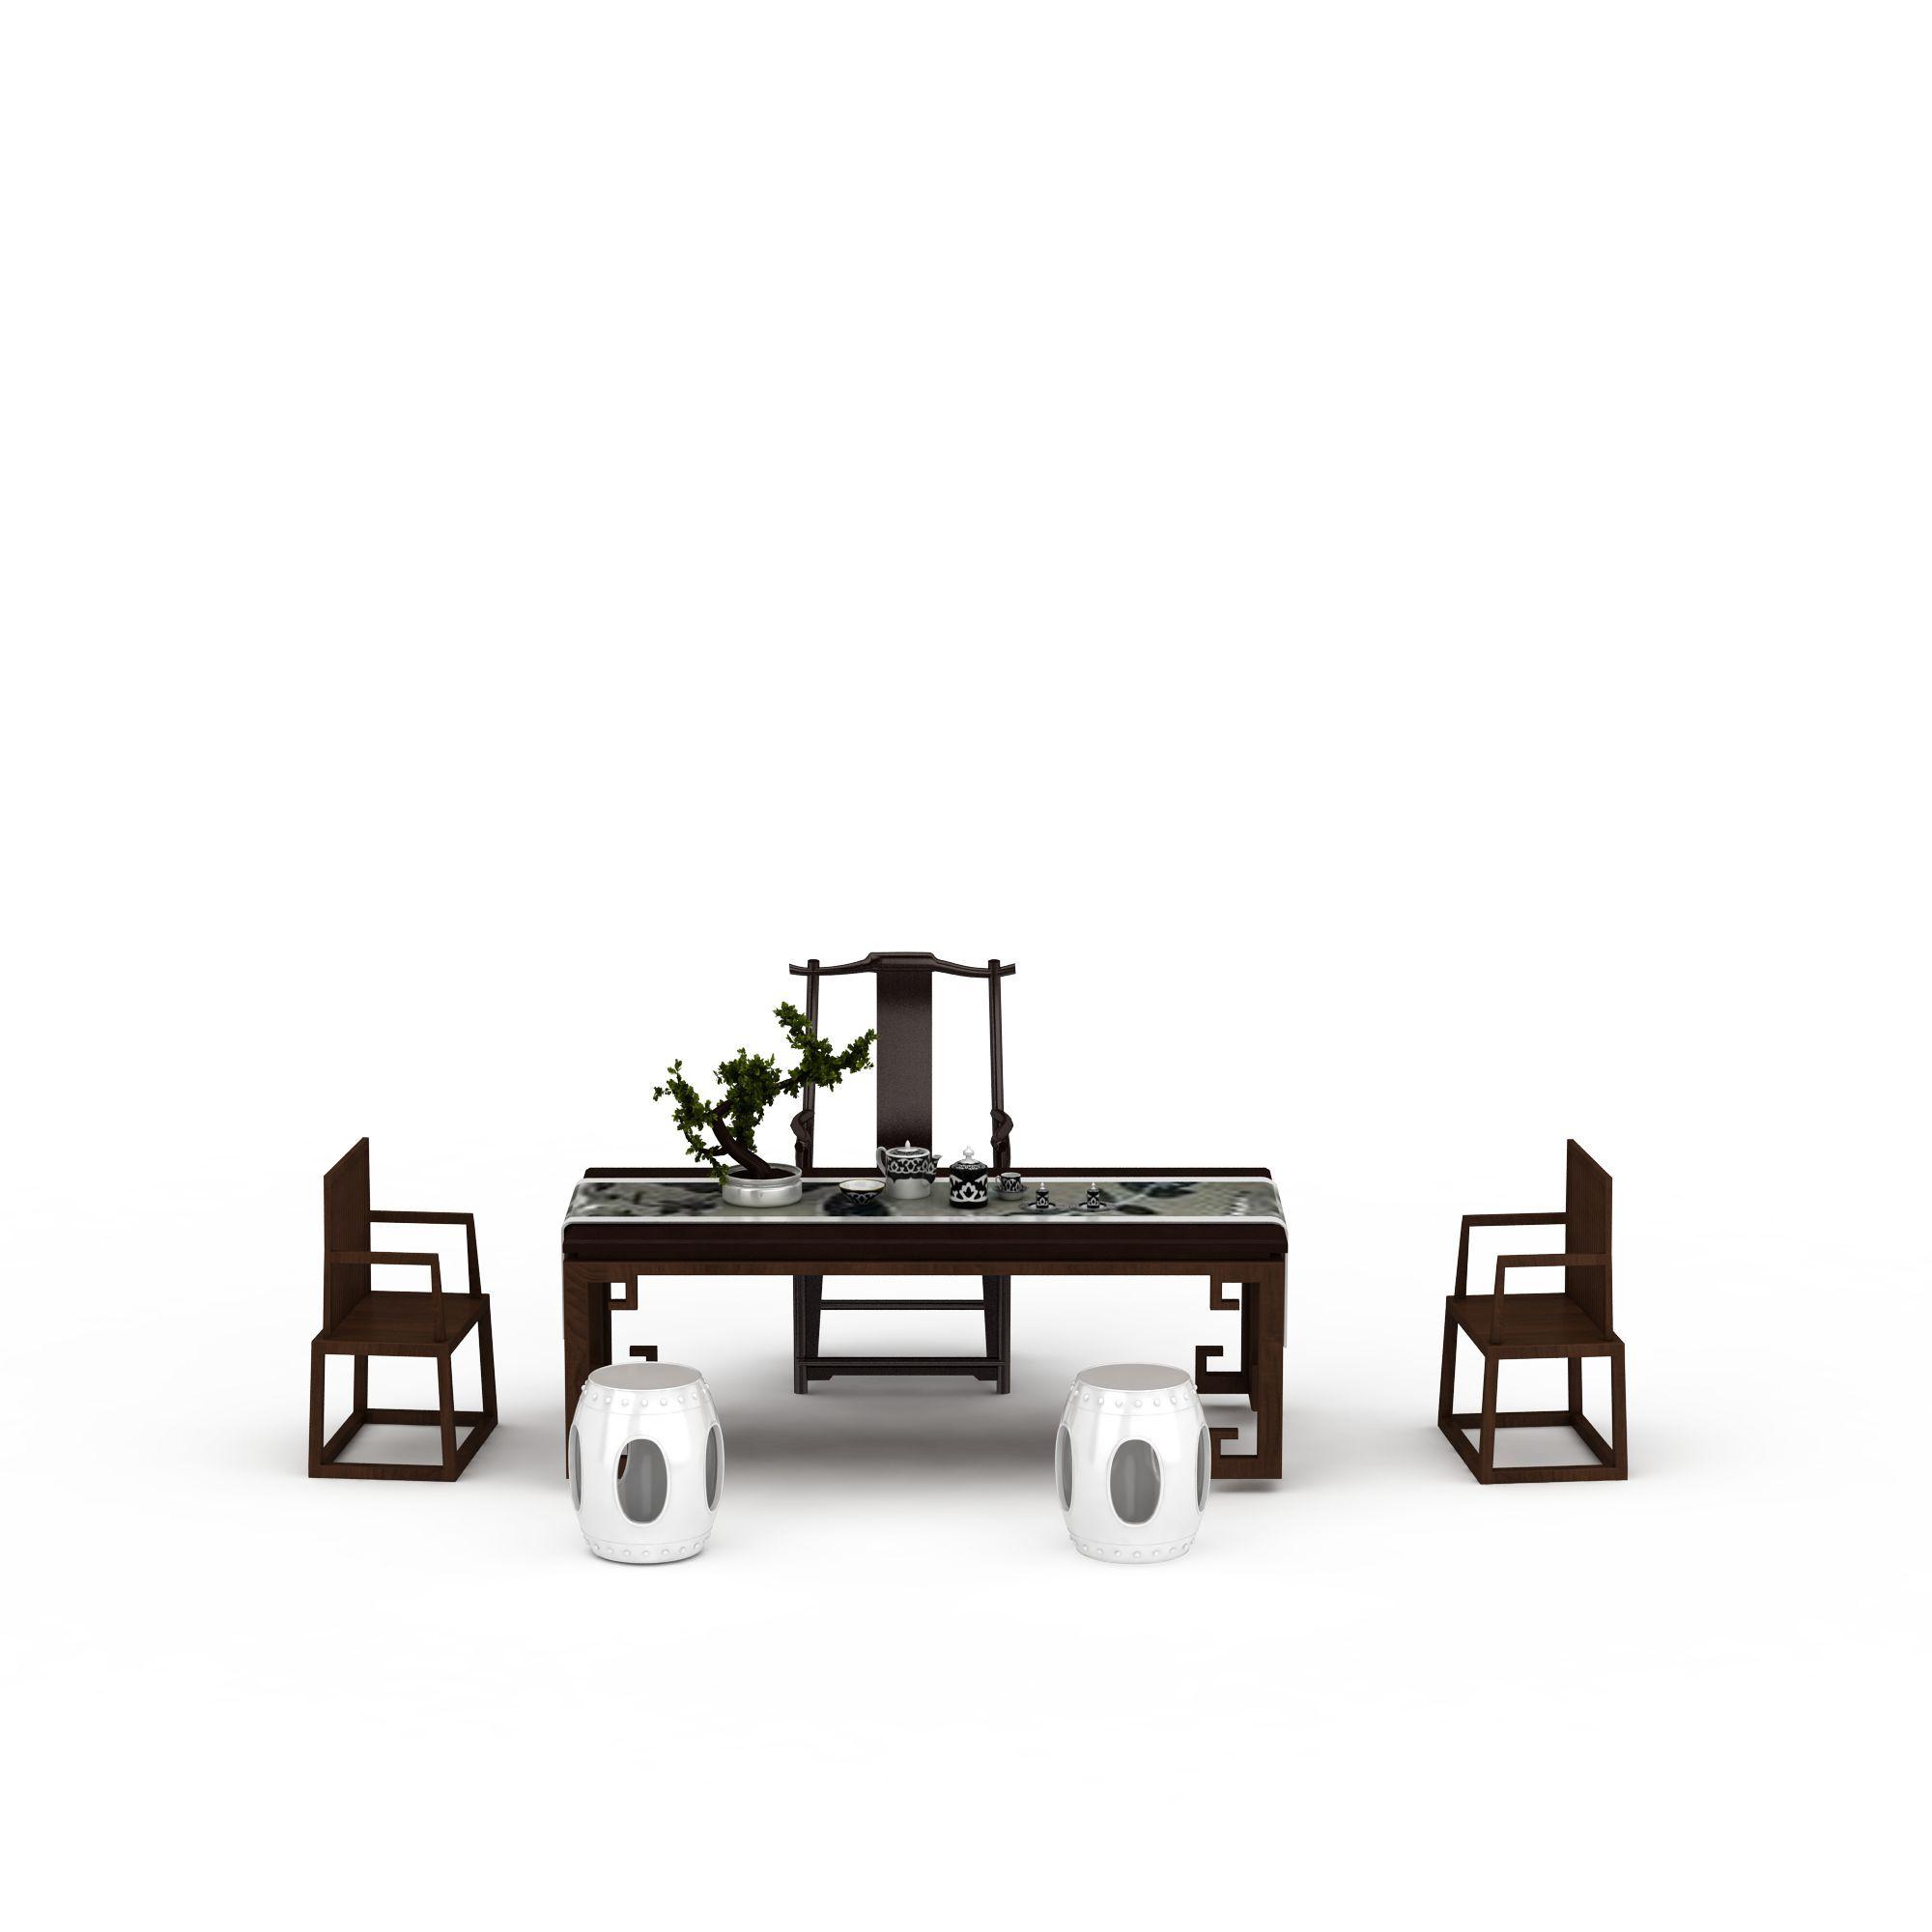 新中式桌椅组合png高清图  新中式桌椅组合高清图详情 设计师 3d学院